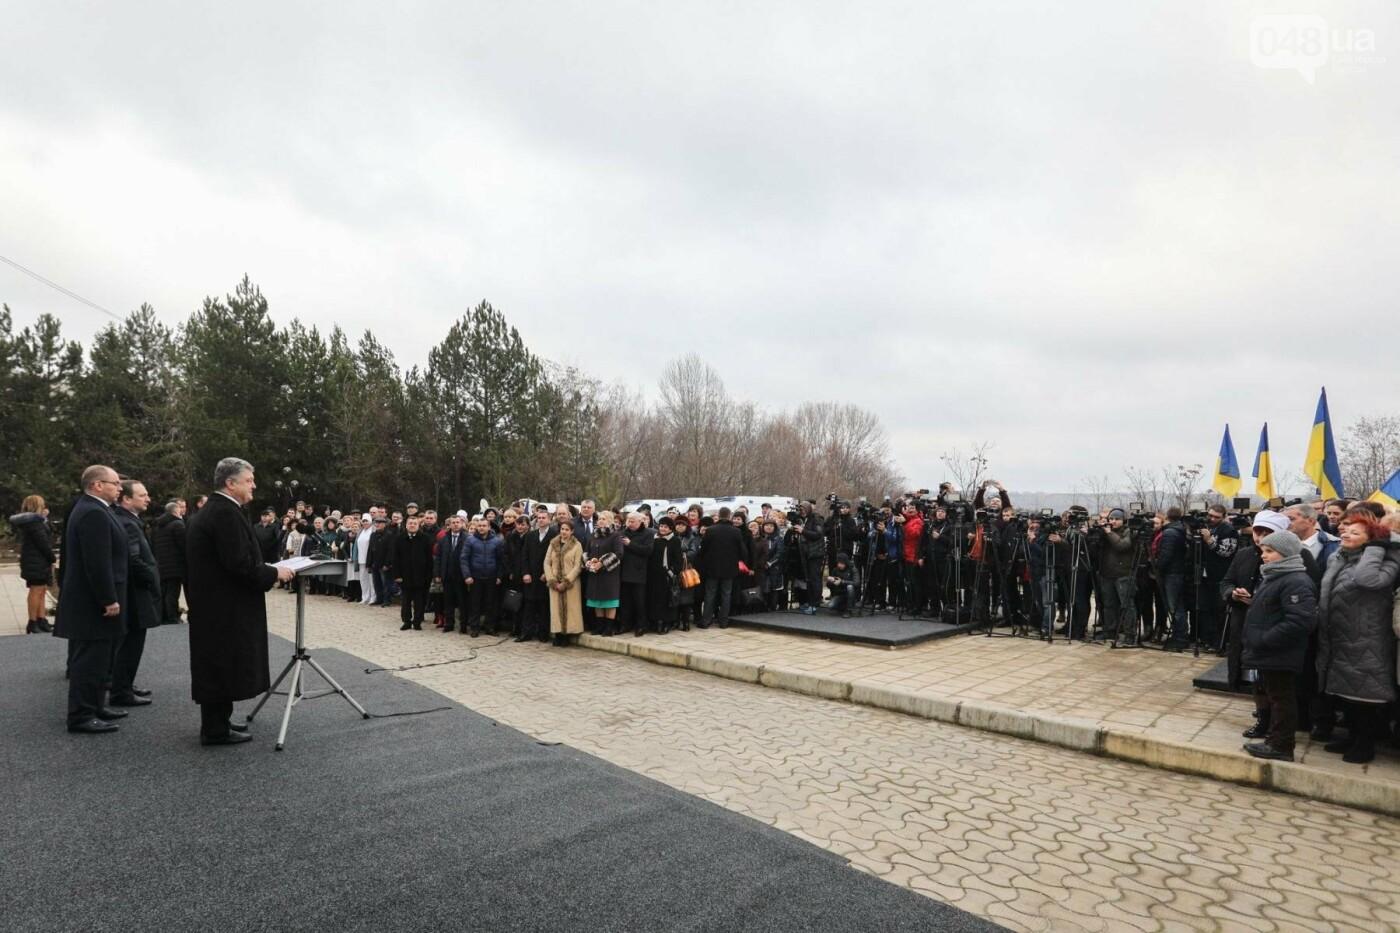 Порошенко в Одесской области дал старт медицинской реформе, фото-3